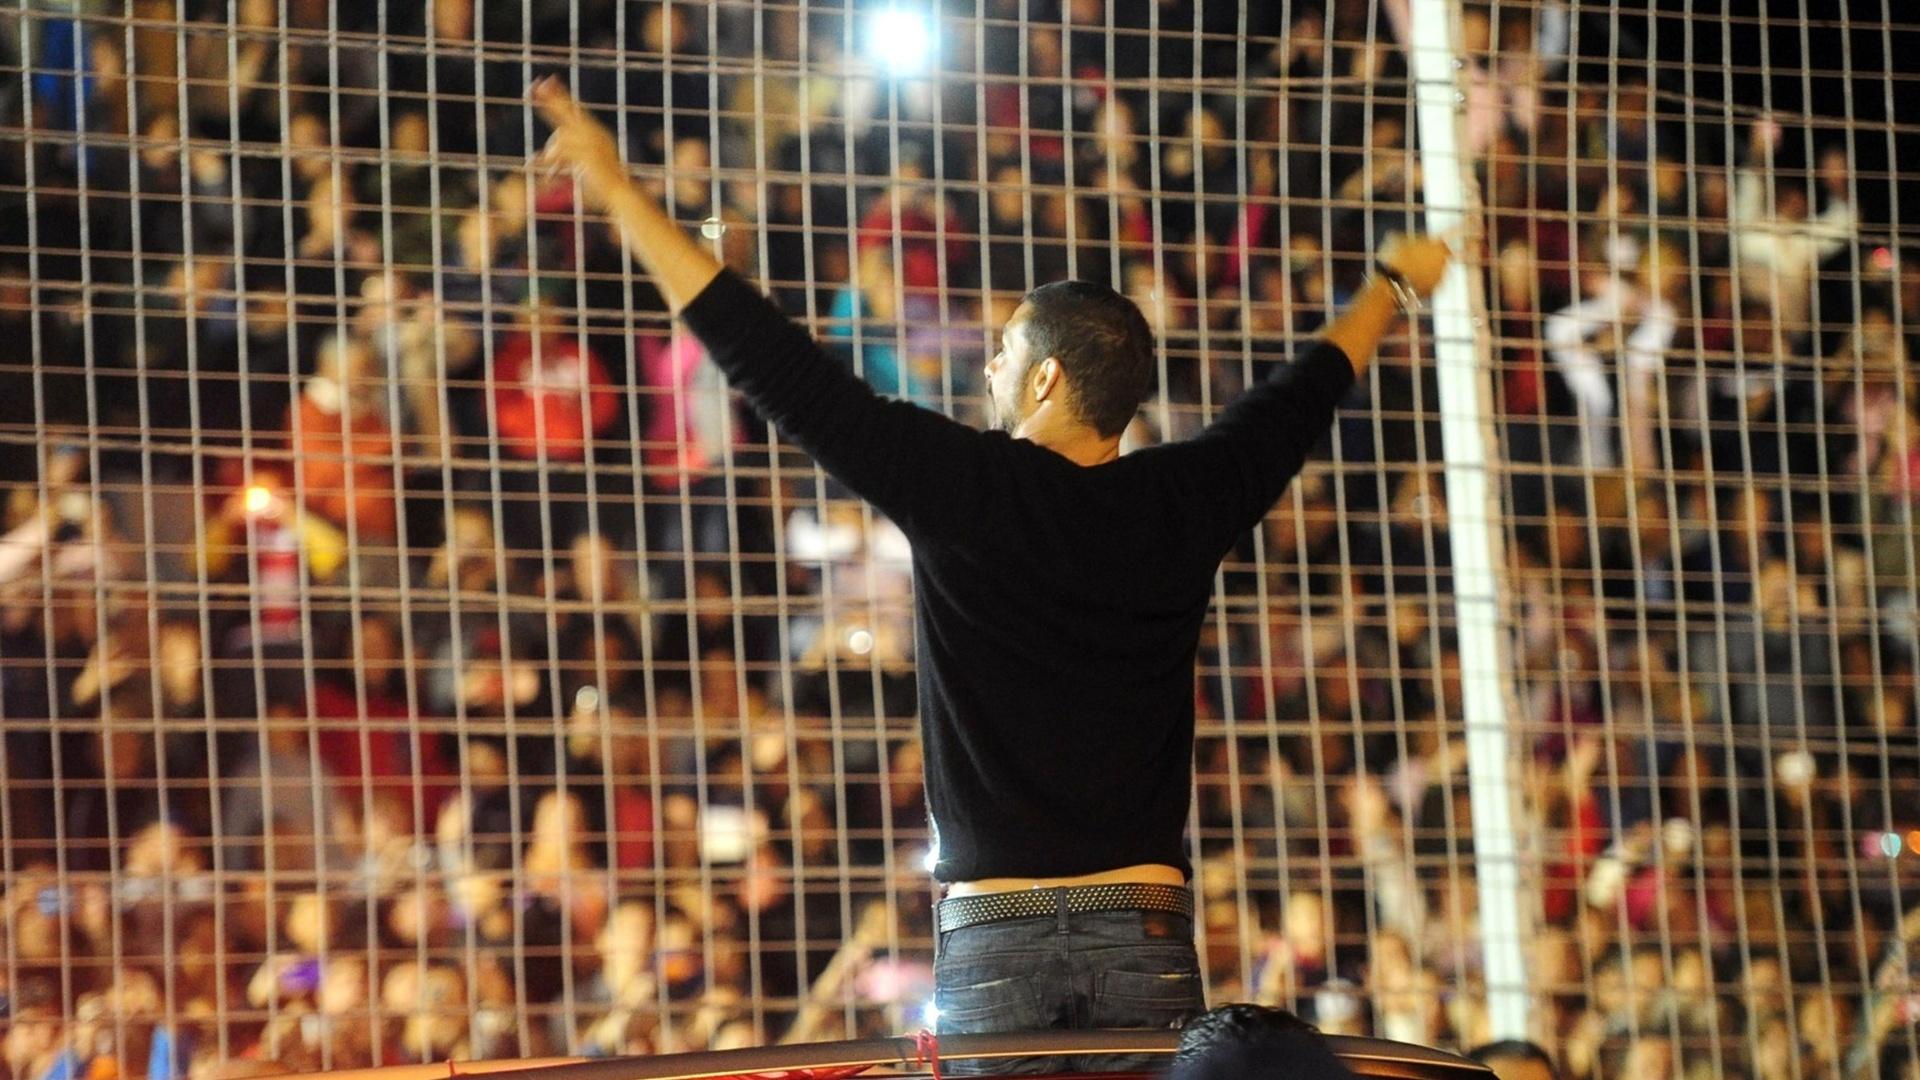 23.mar.2014 - Cauã Reymond prestigia a quinta edição do Carnaval da cidade de San Luís, na Argentina. O ator é conhecido no país pelo Jorginho de